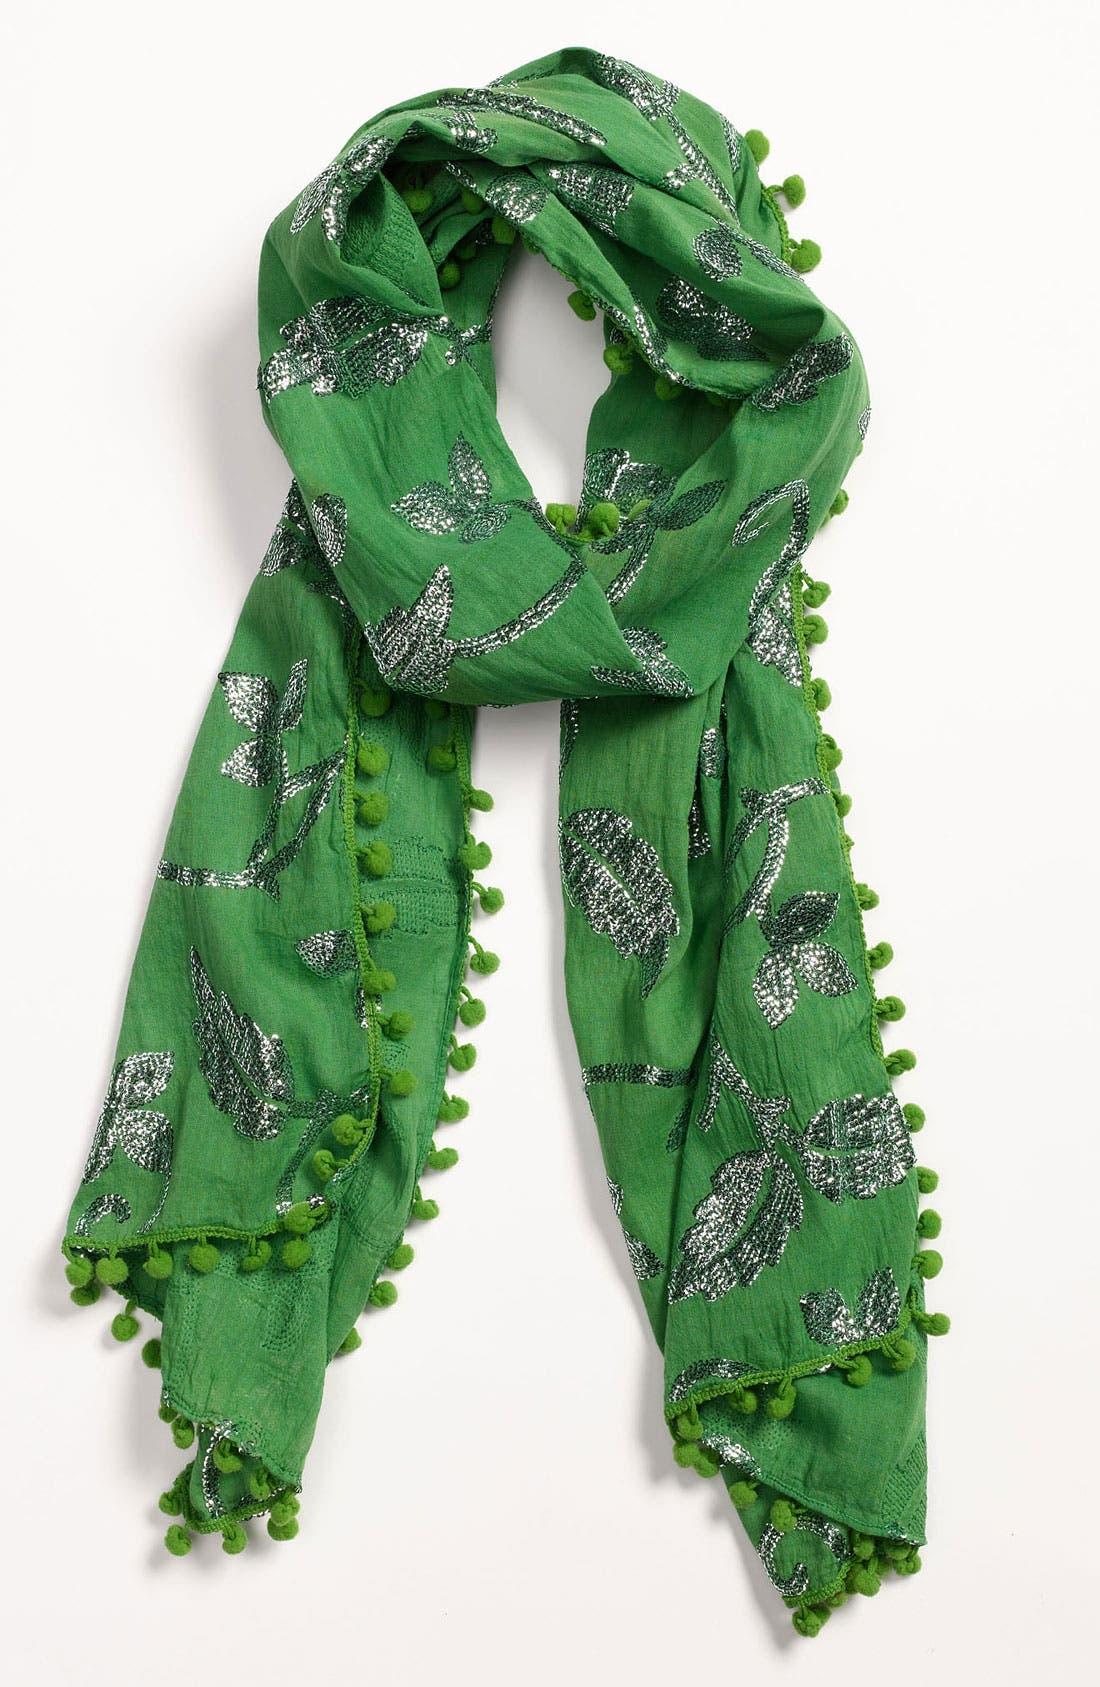 Alternate Image 1 Selected - Raj Imports 'Metallic Leaf' Scarf